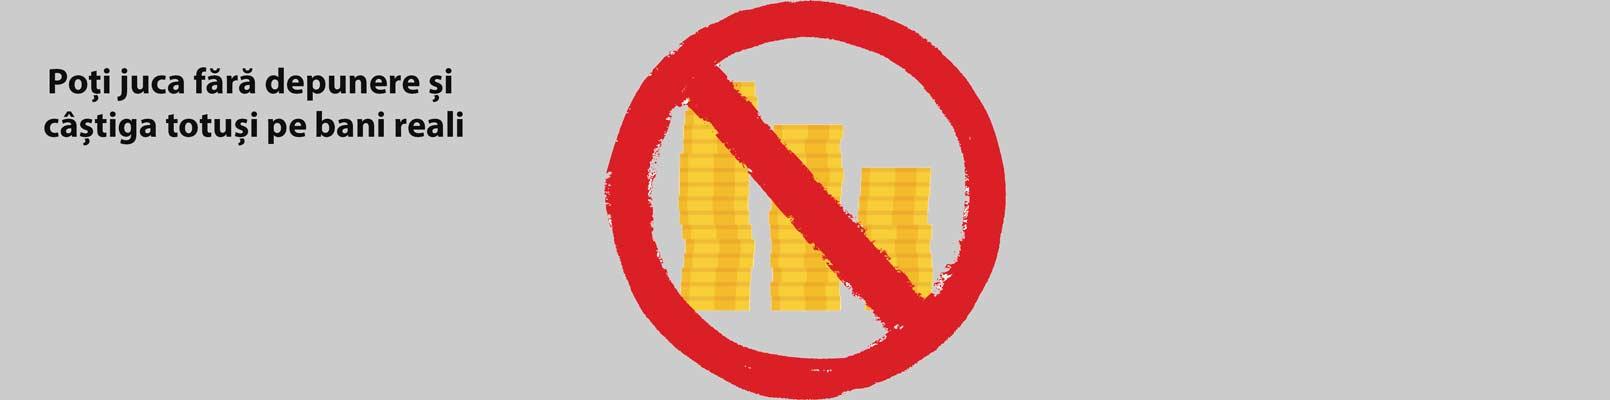 bonusuri fără depunere la cazinouri online